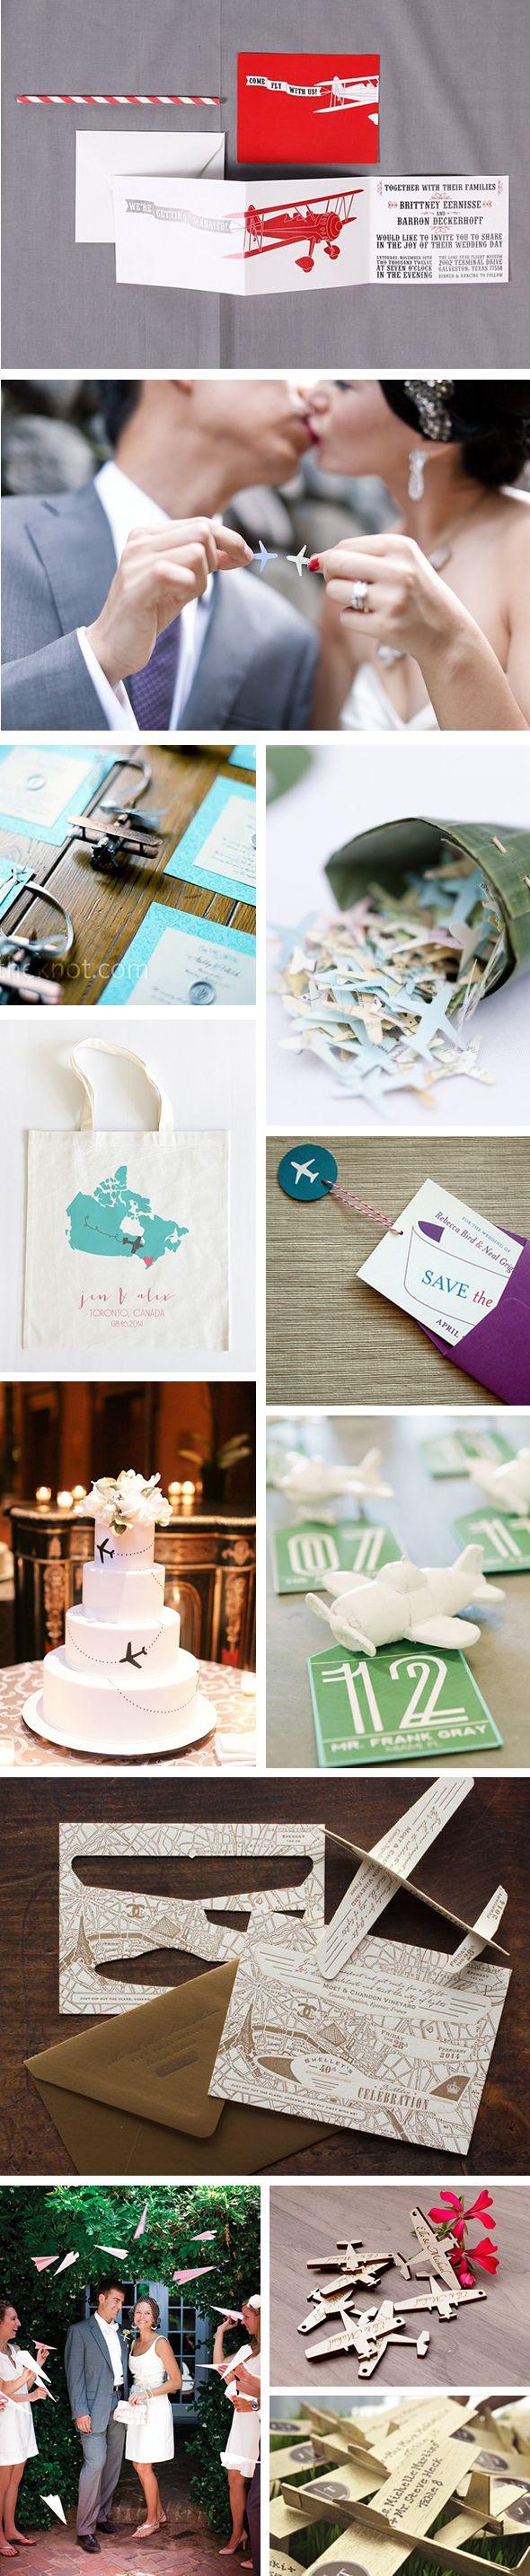 Airplane Themed Destination Wedding Details